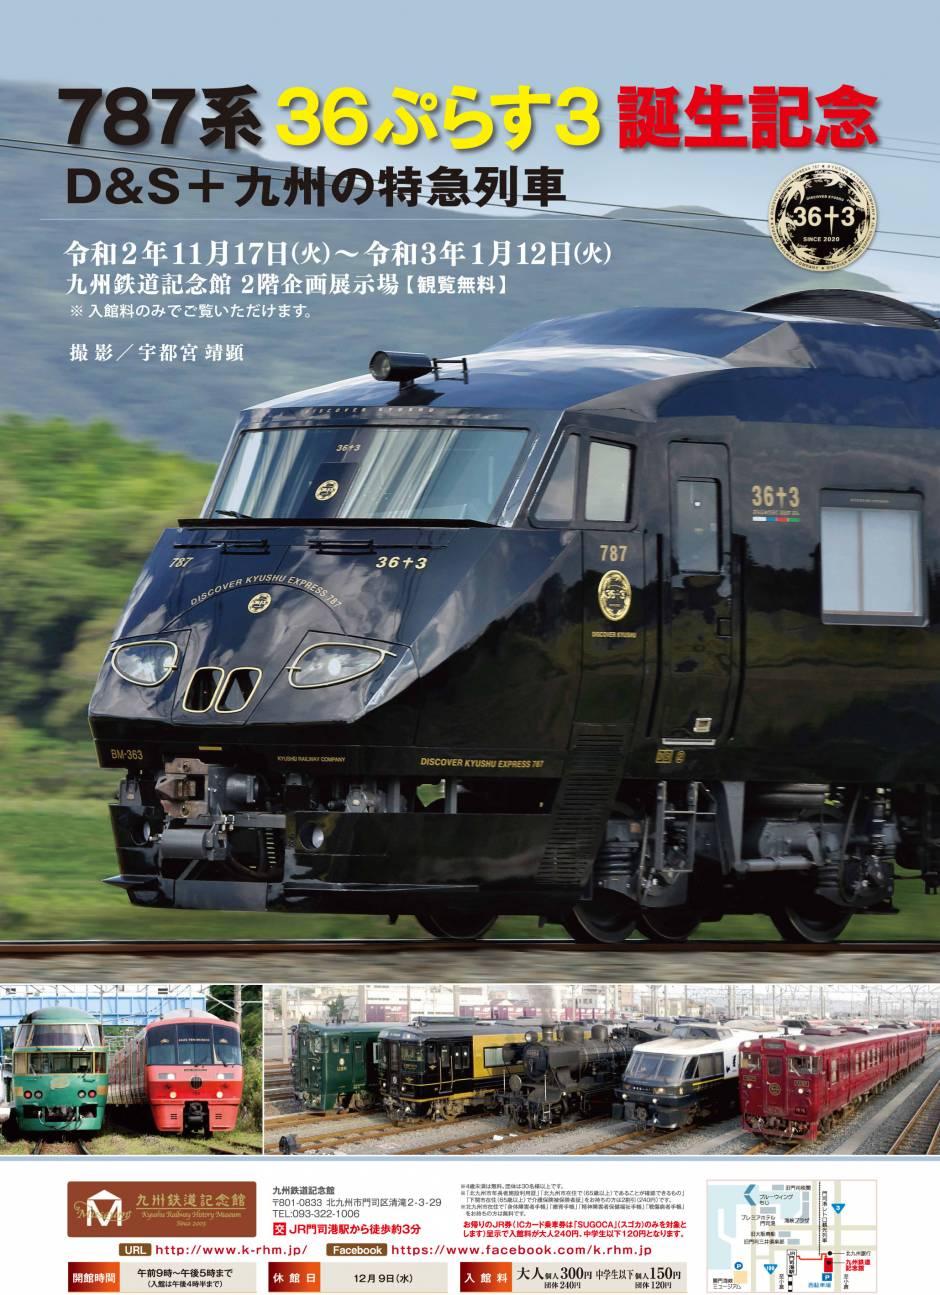 企画展「787系36ぷらす3誕生記念 D&S 九州の特急列車」